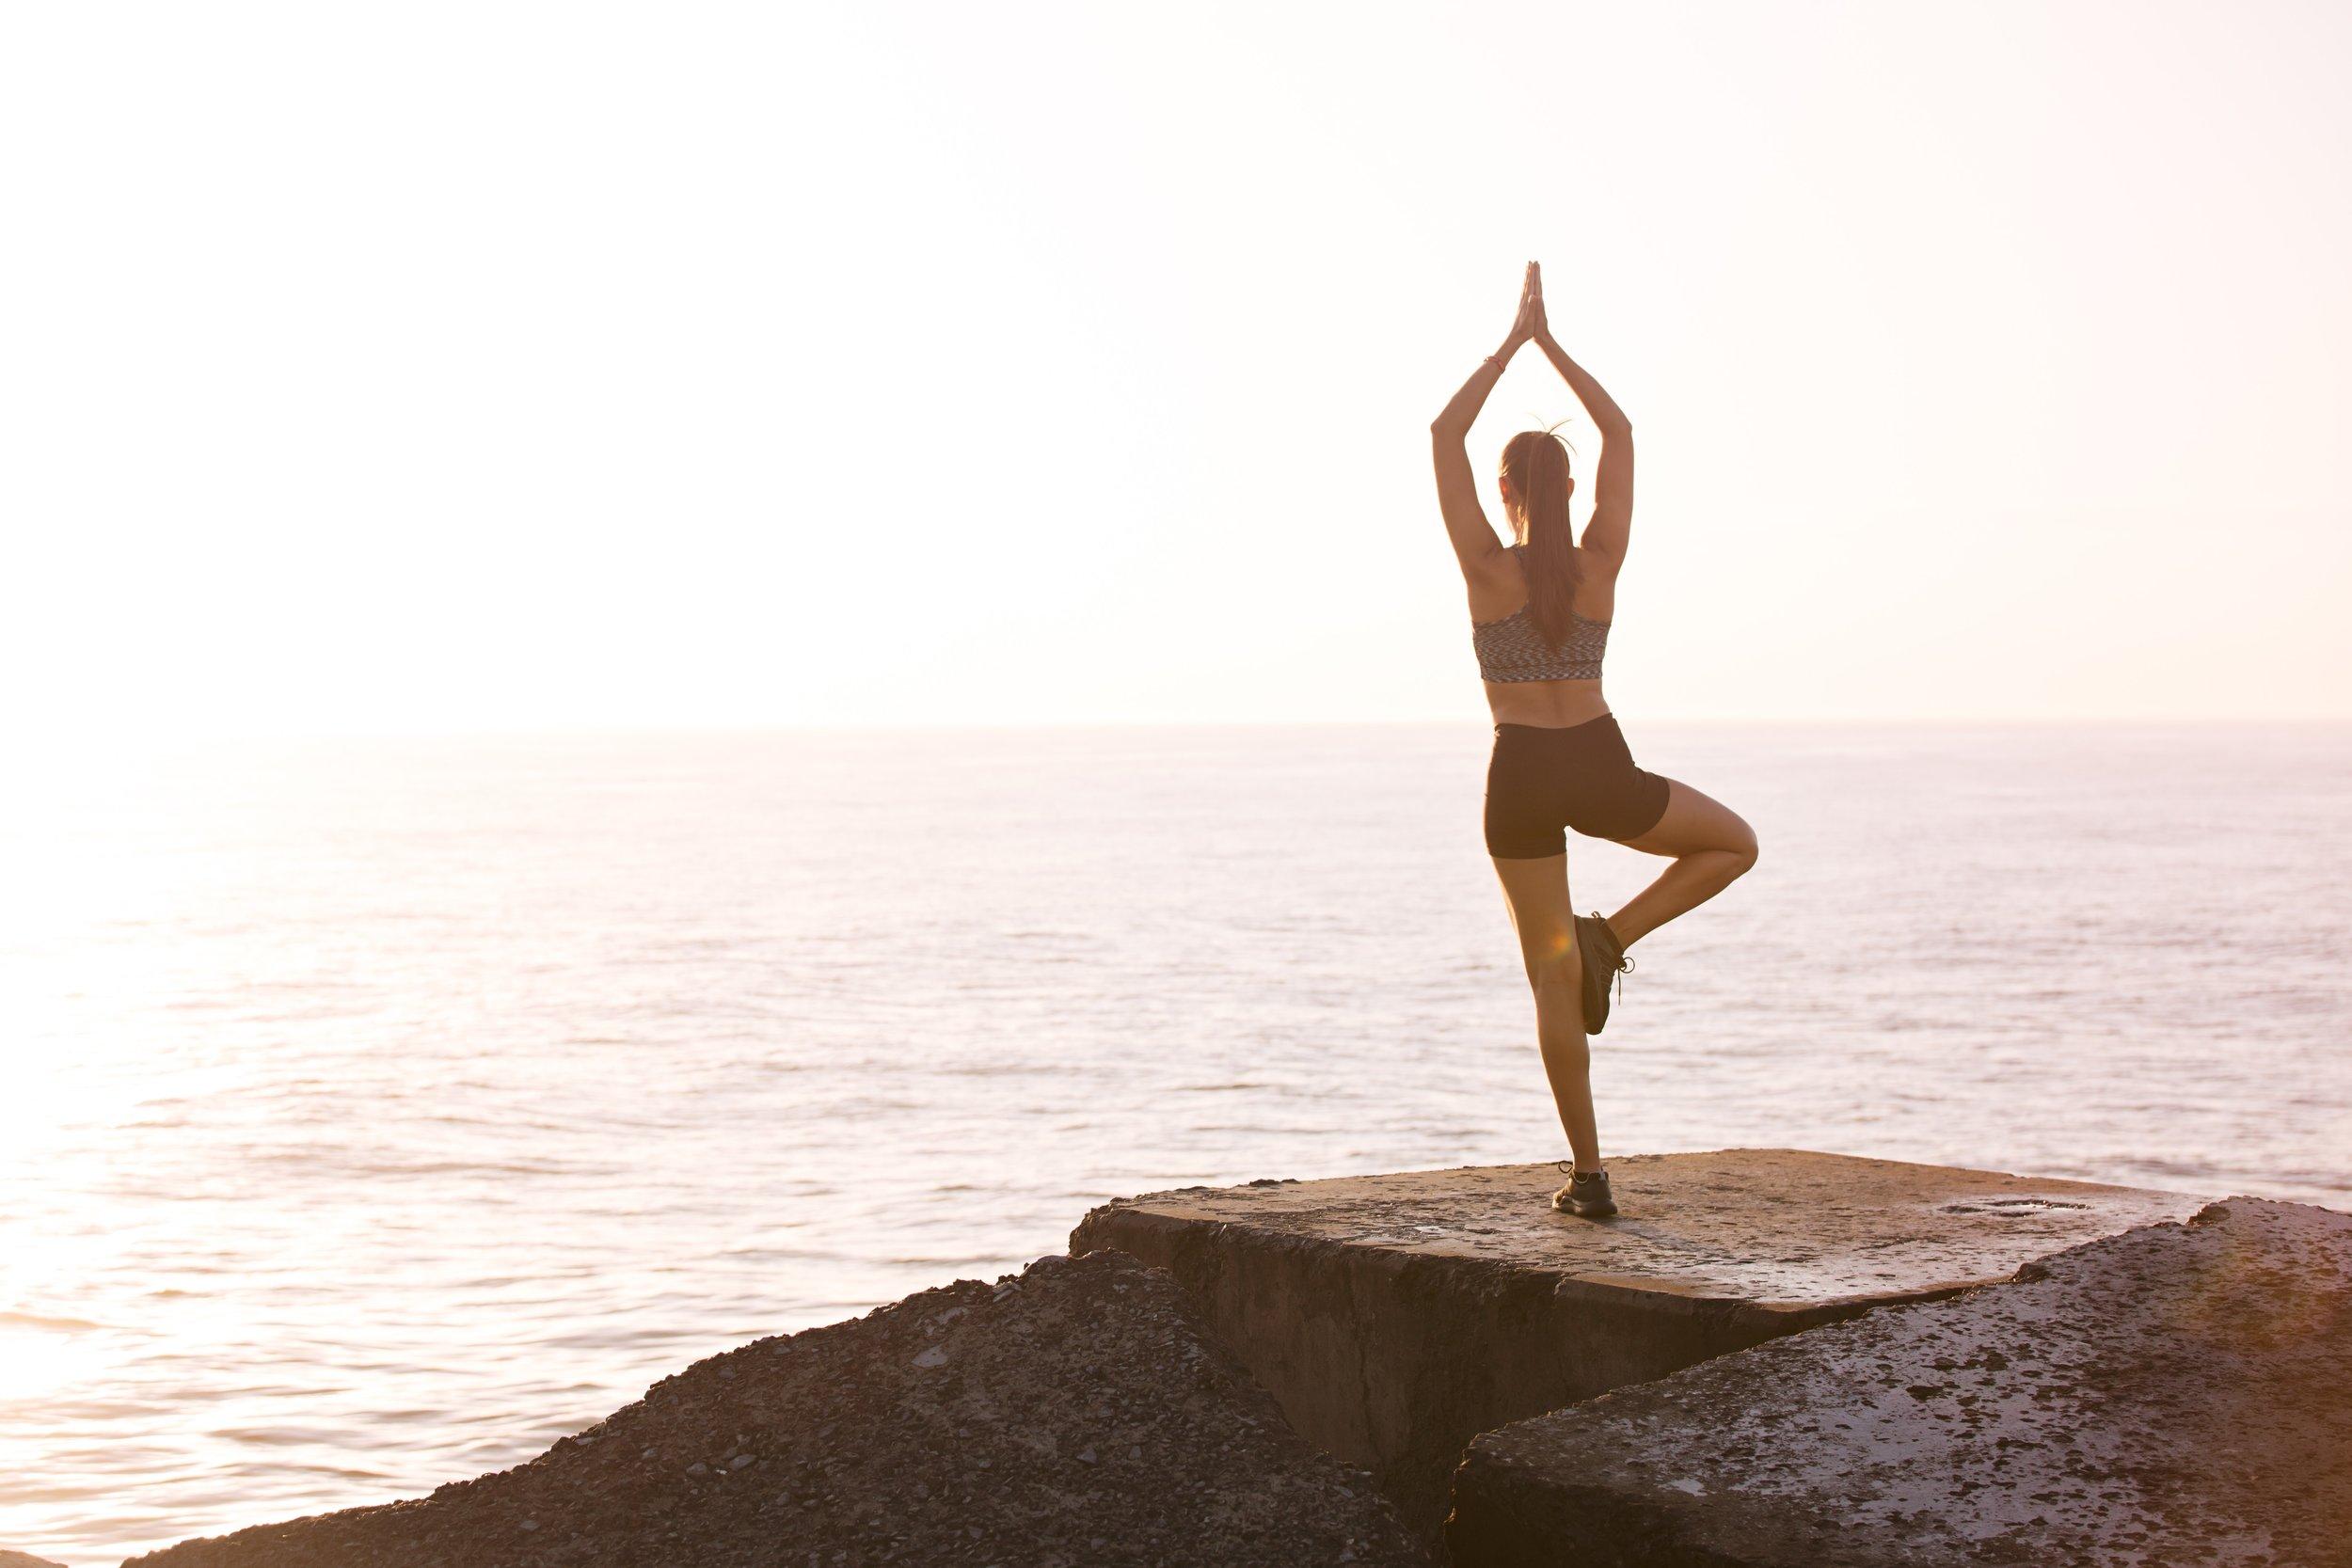 balance-beach-girl-1199589.jpg